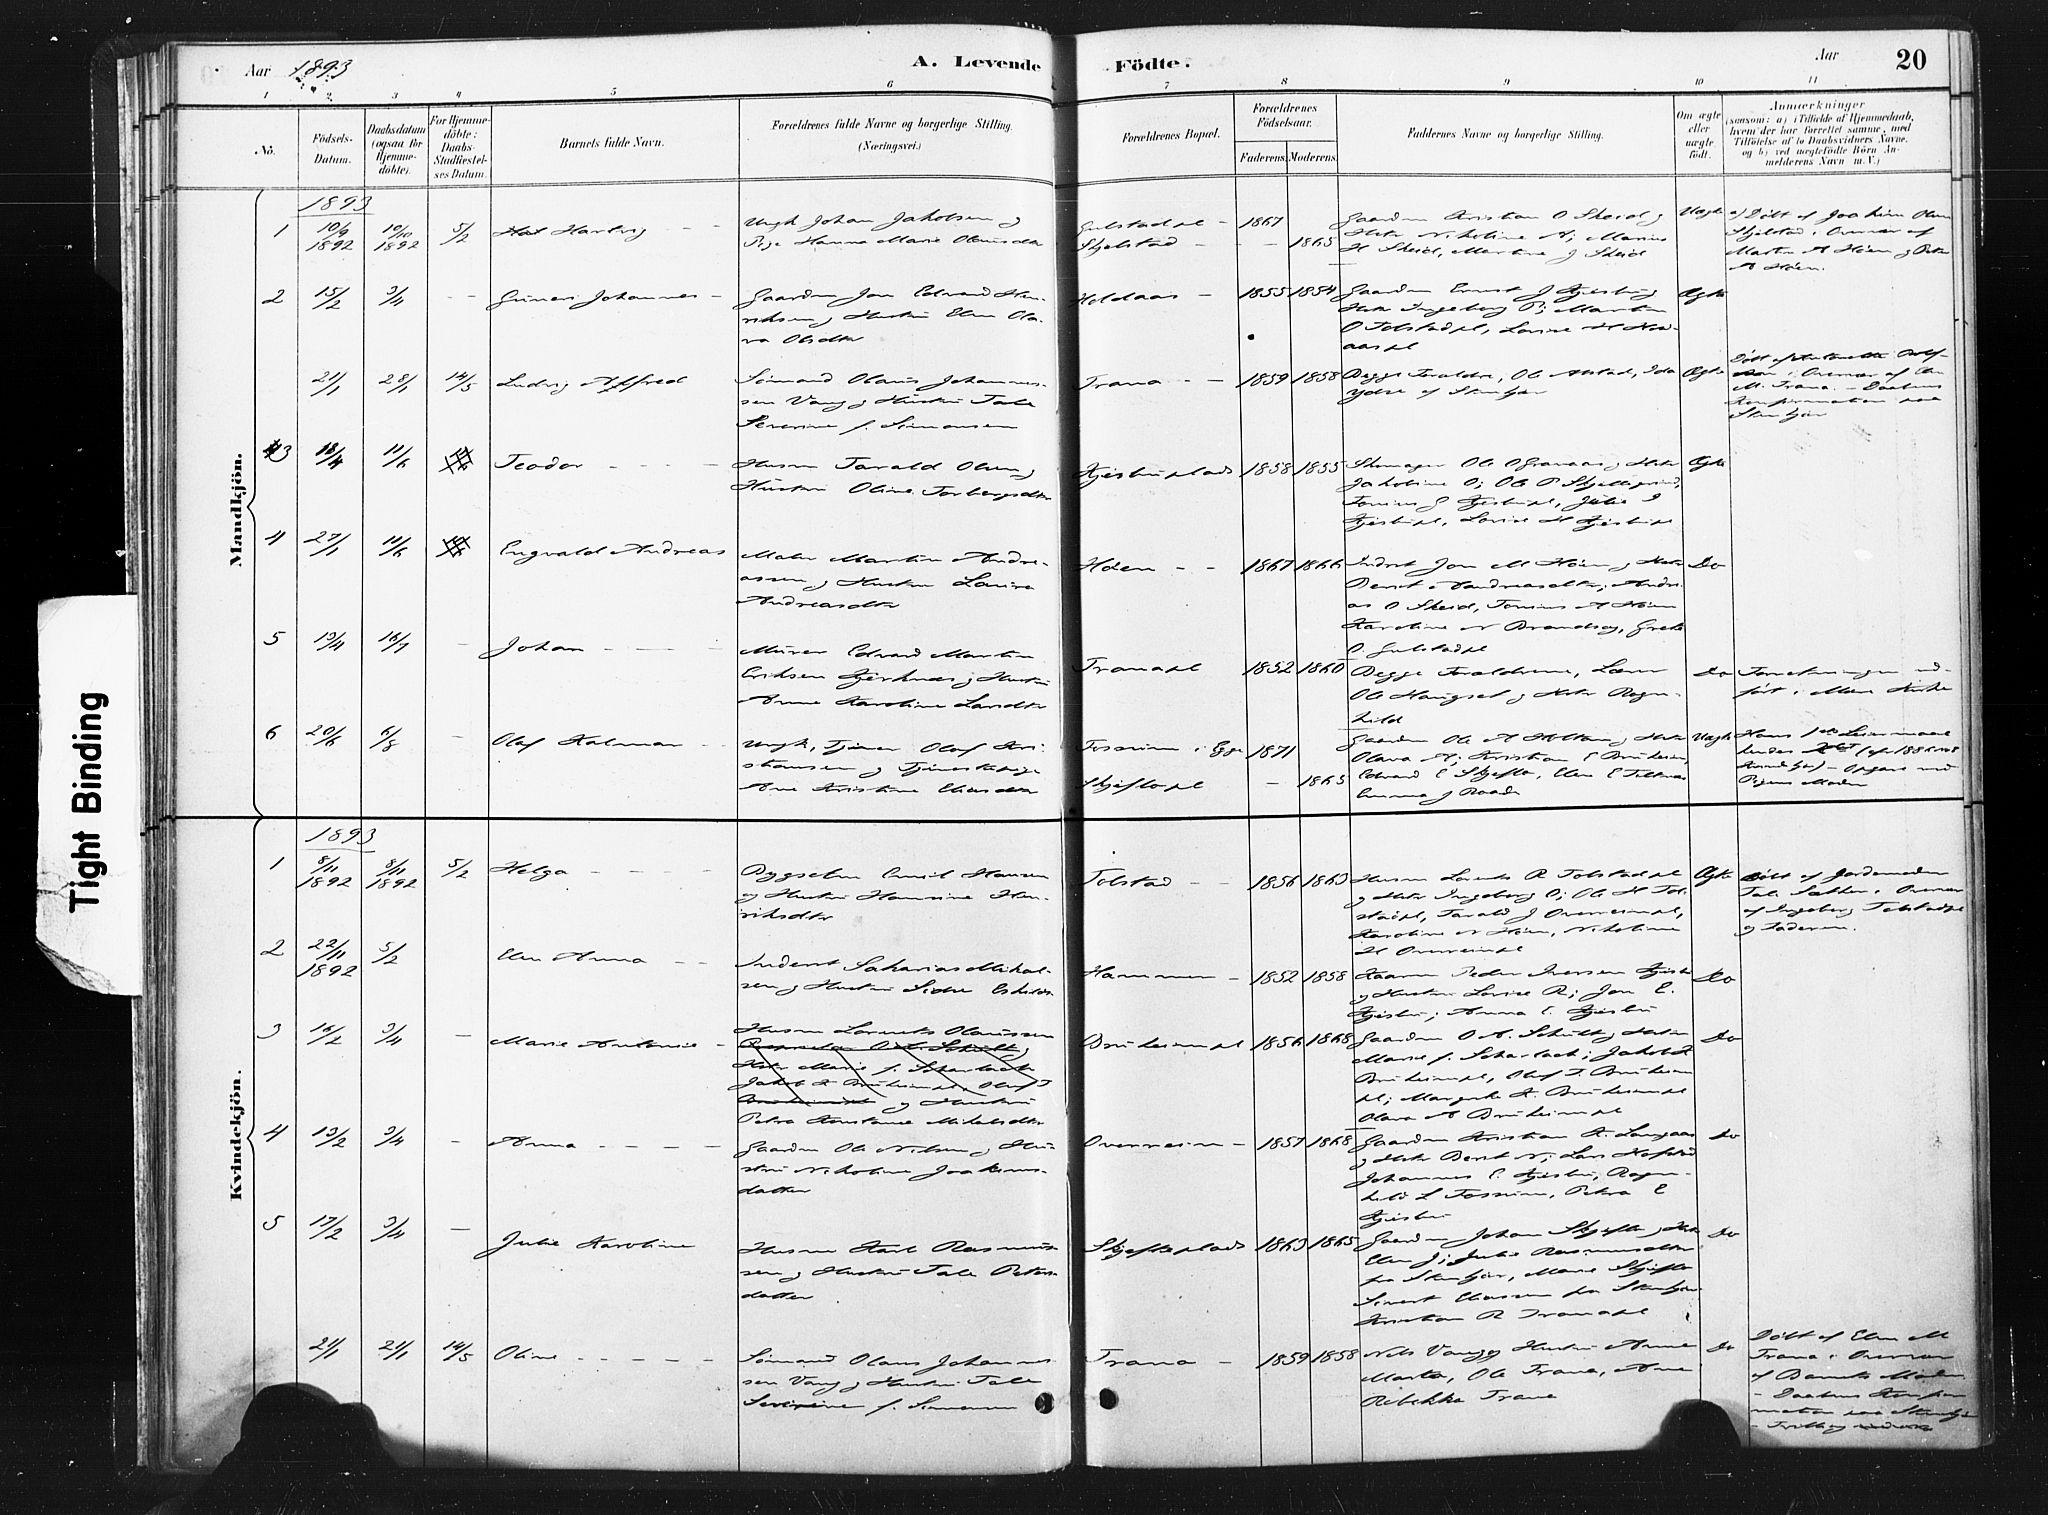 SAT, Ministerialprotokoller, klokkerbøker og fødselsregistre - Nord-Trøndelag, 736/L0361: Ministerialbok nr. 736A01, 1884-1906, s. 20